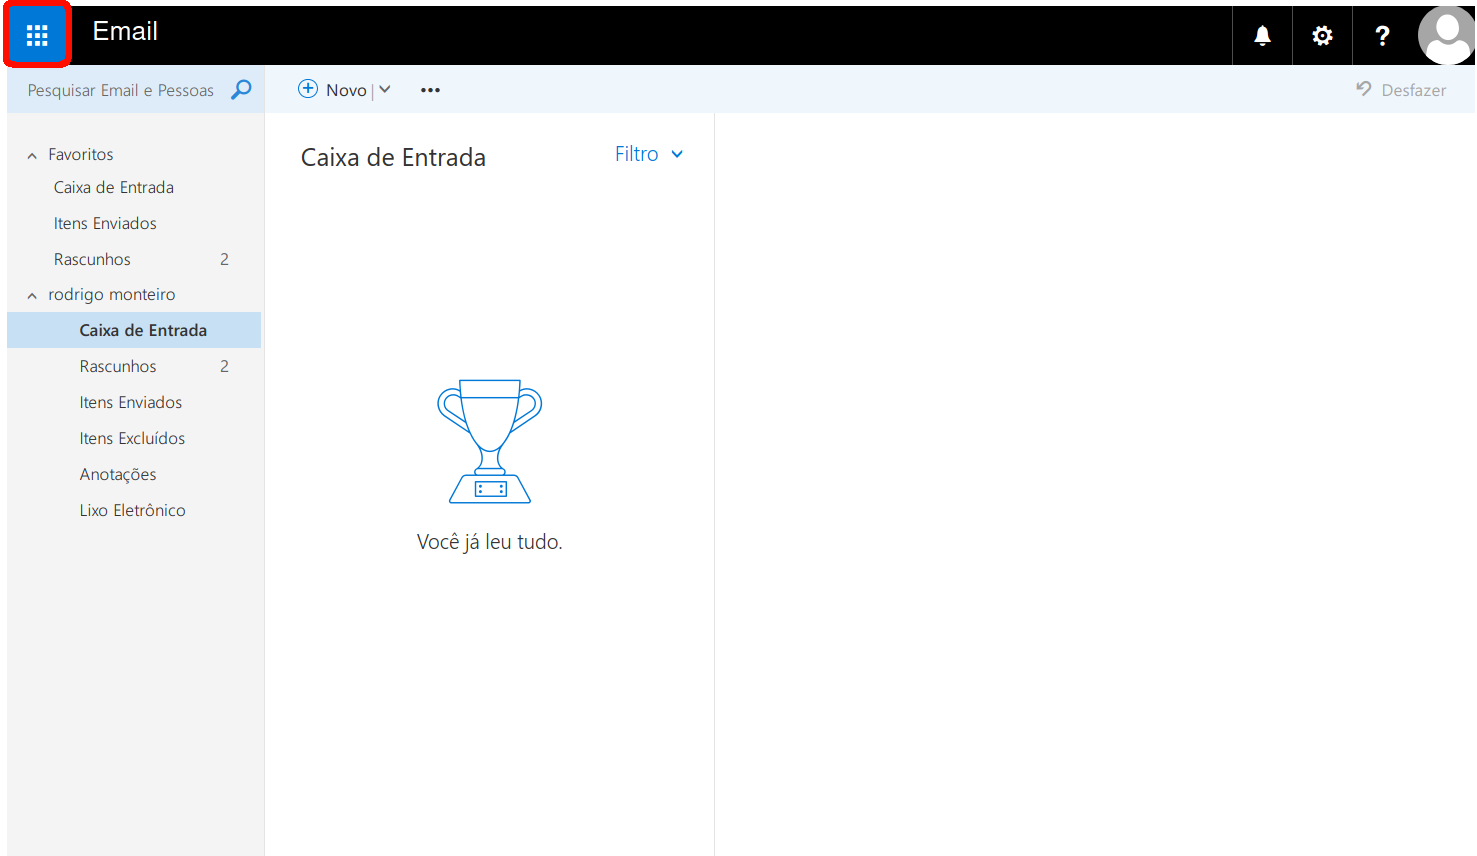 Como criar um grupo de contatos. Primeiro passo: acessar o menu aplicativos.